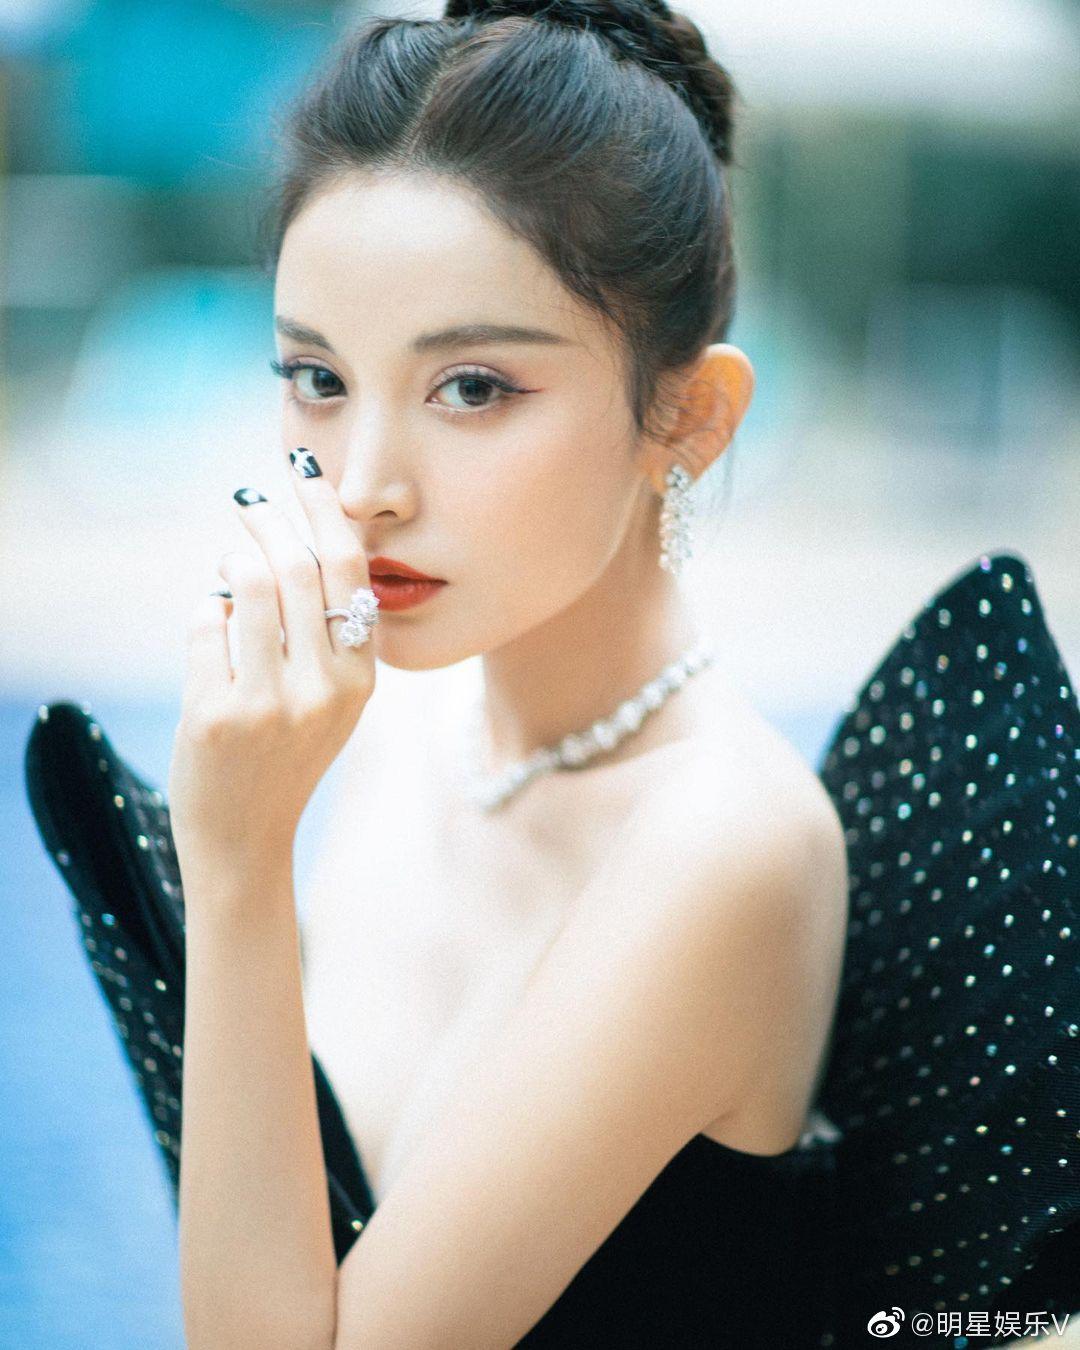 古力娜扎身着抹胸超短礼裙性感写真图片 灵动的优雅,宛如天使!